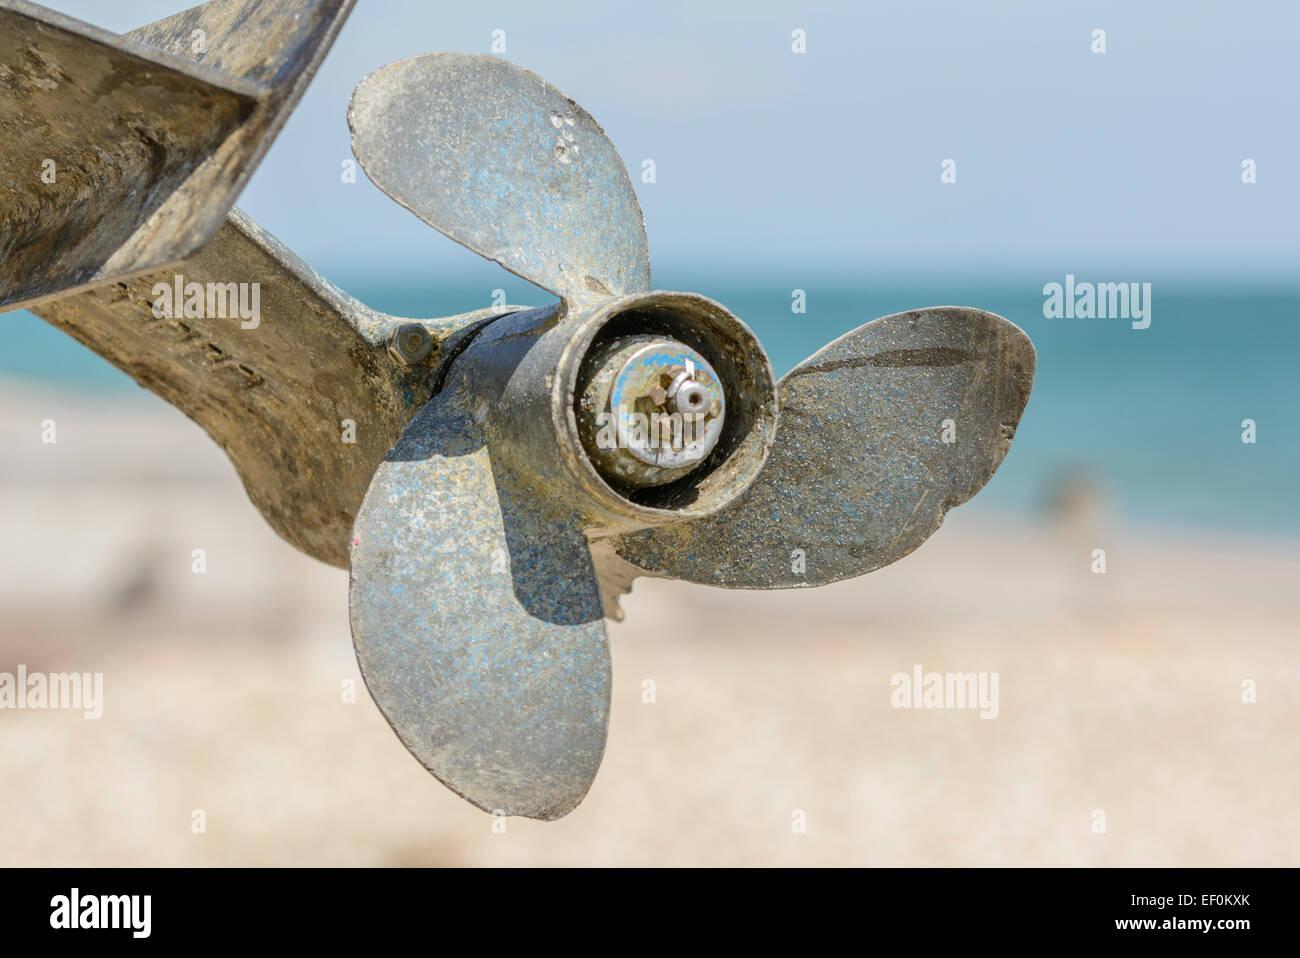 Propeller von einem Außenbordmotor Boote während aus dem Wasser am Meer. Stockbild